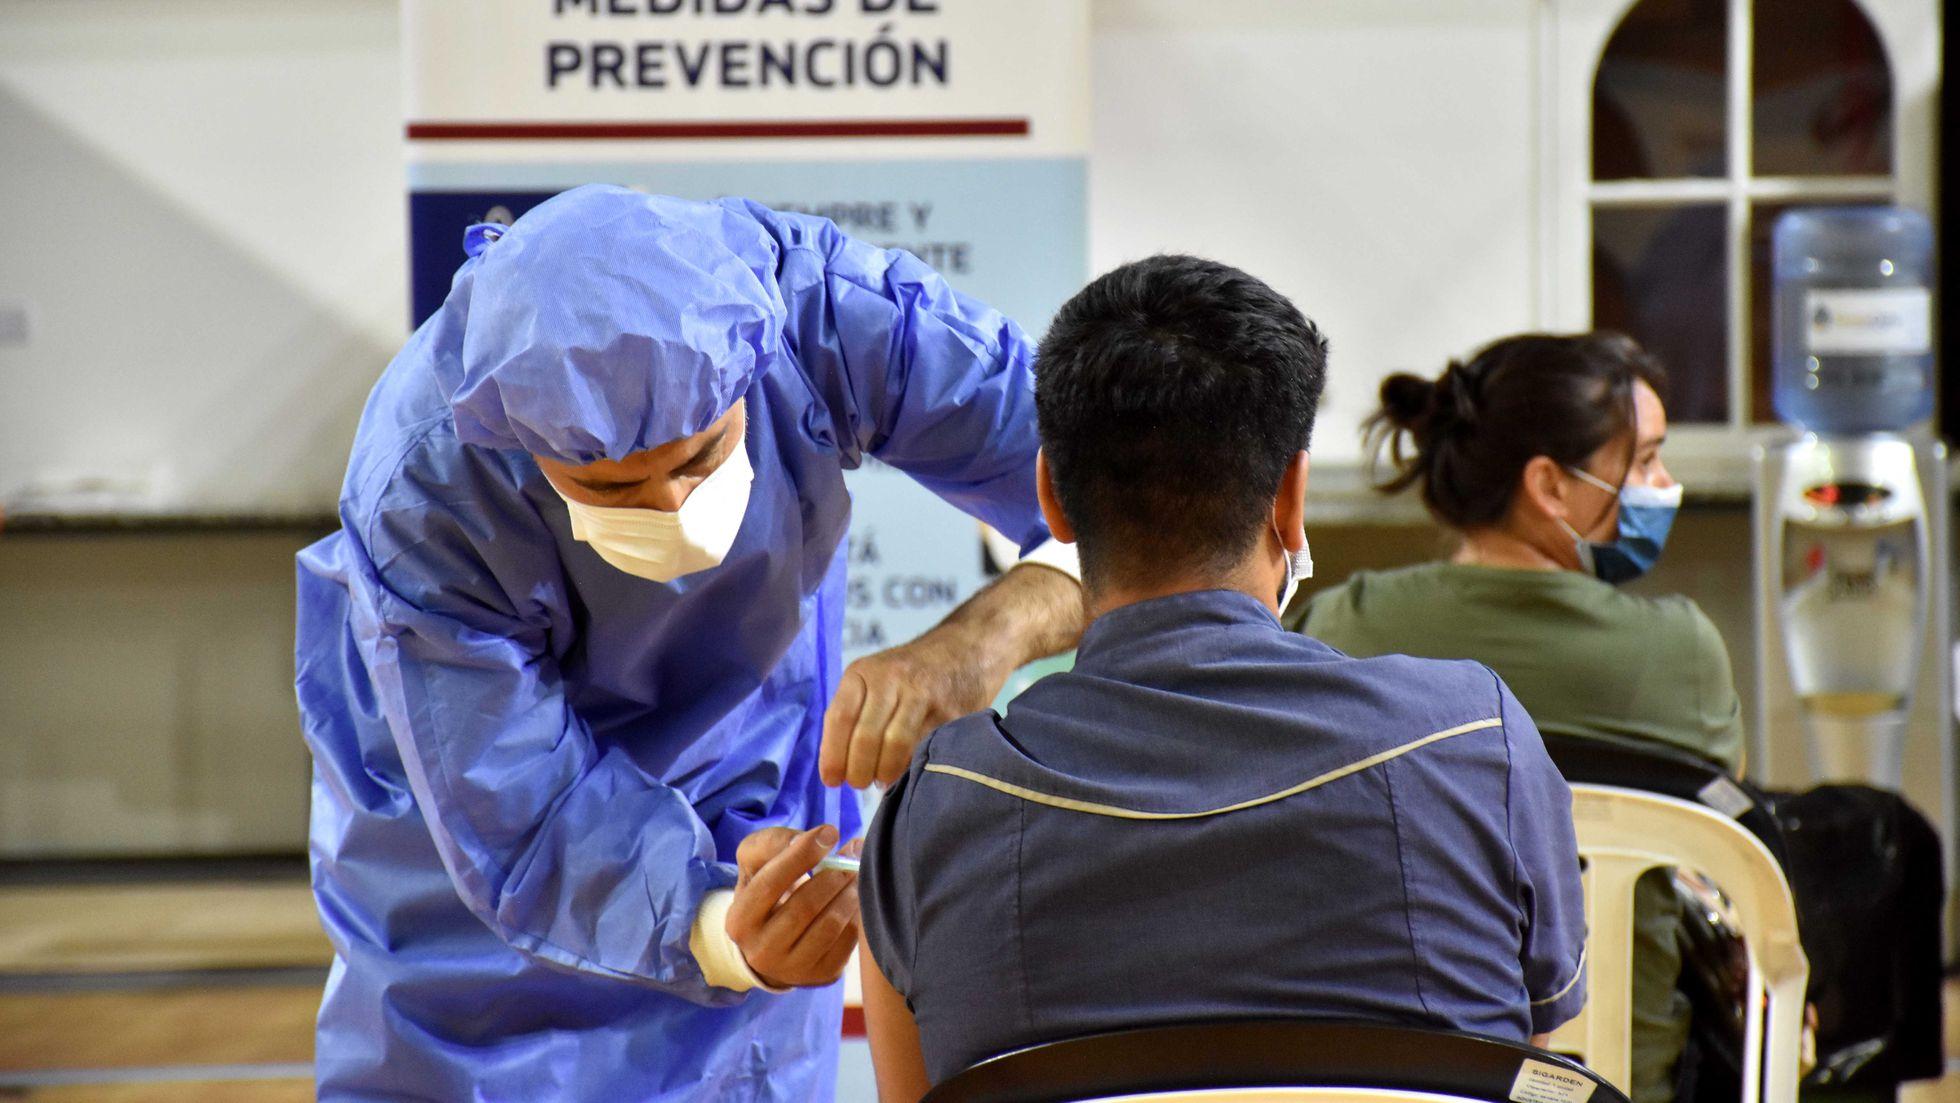 Vacunación en Argentina: La gestión de las vacunas se convierte en el  flanco más débil del Gobierno argentino   Sociedad   EL PAÍS